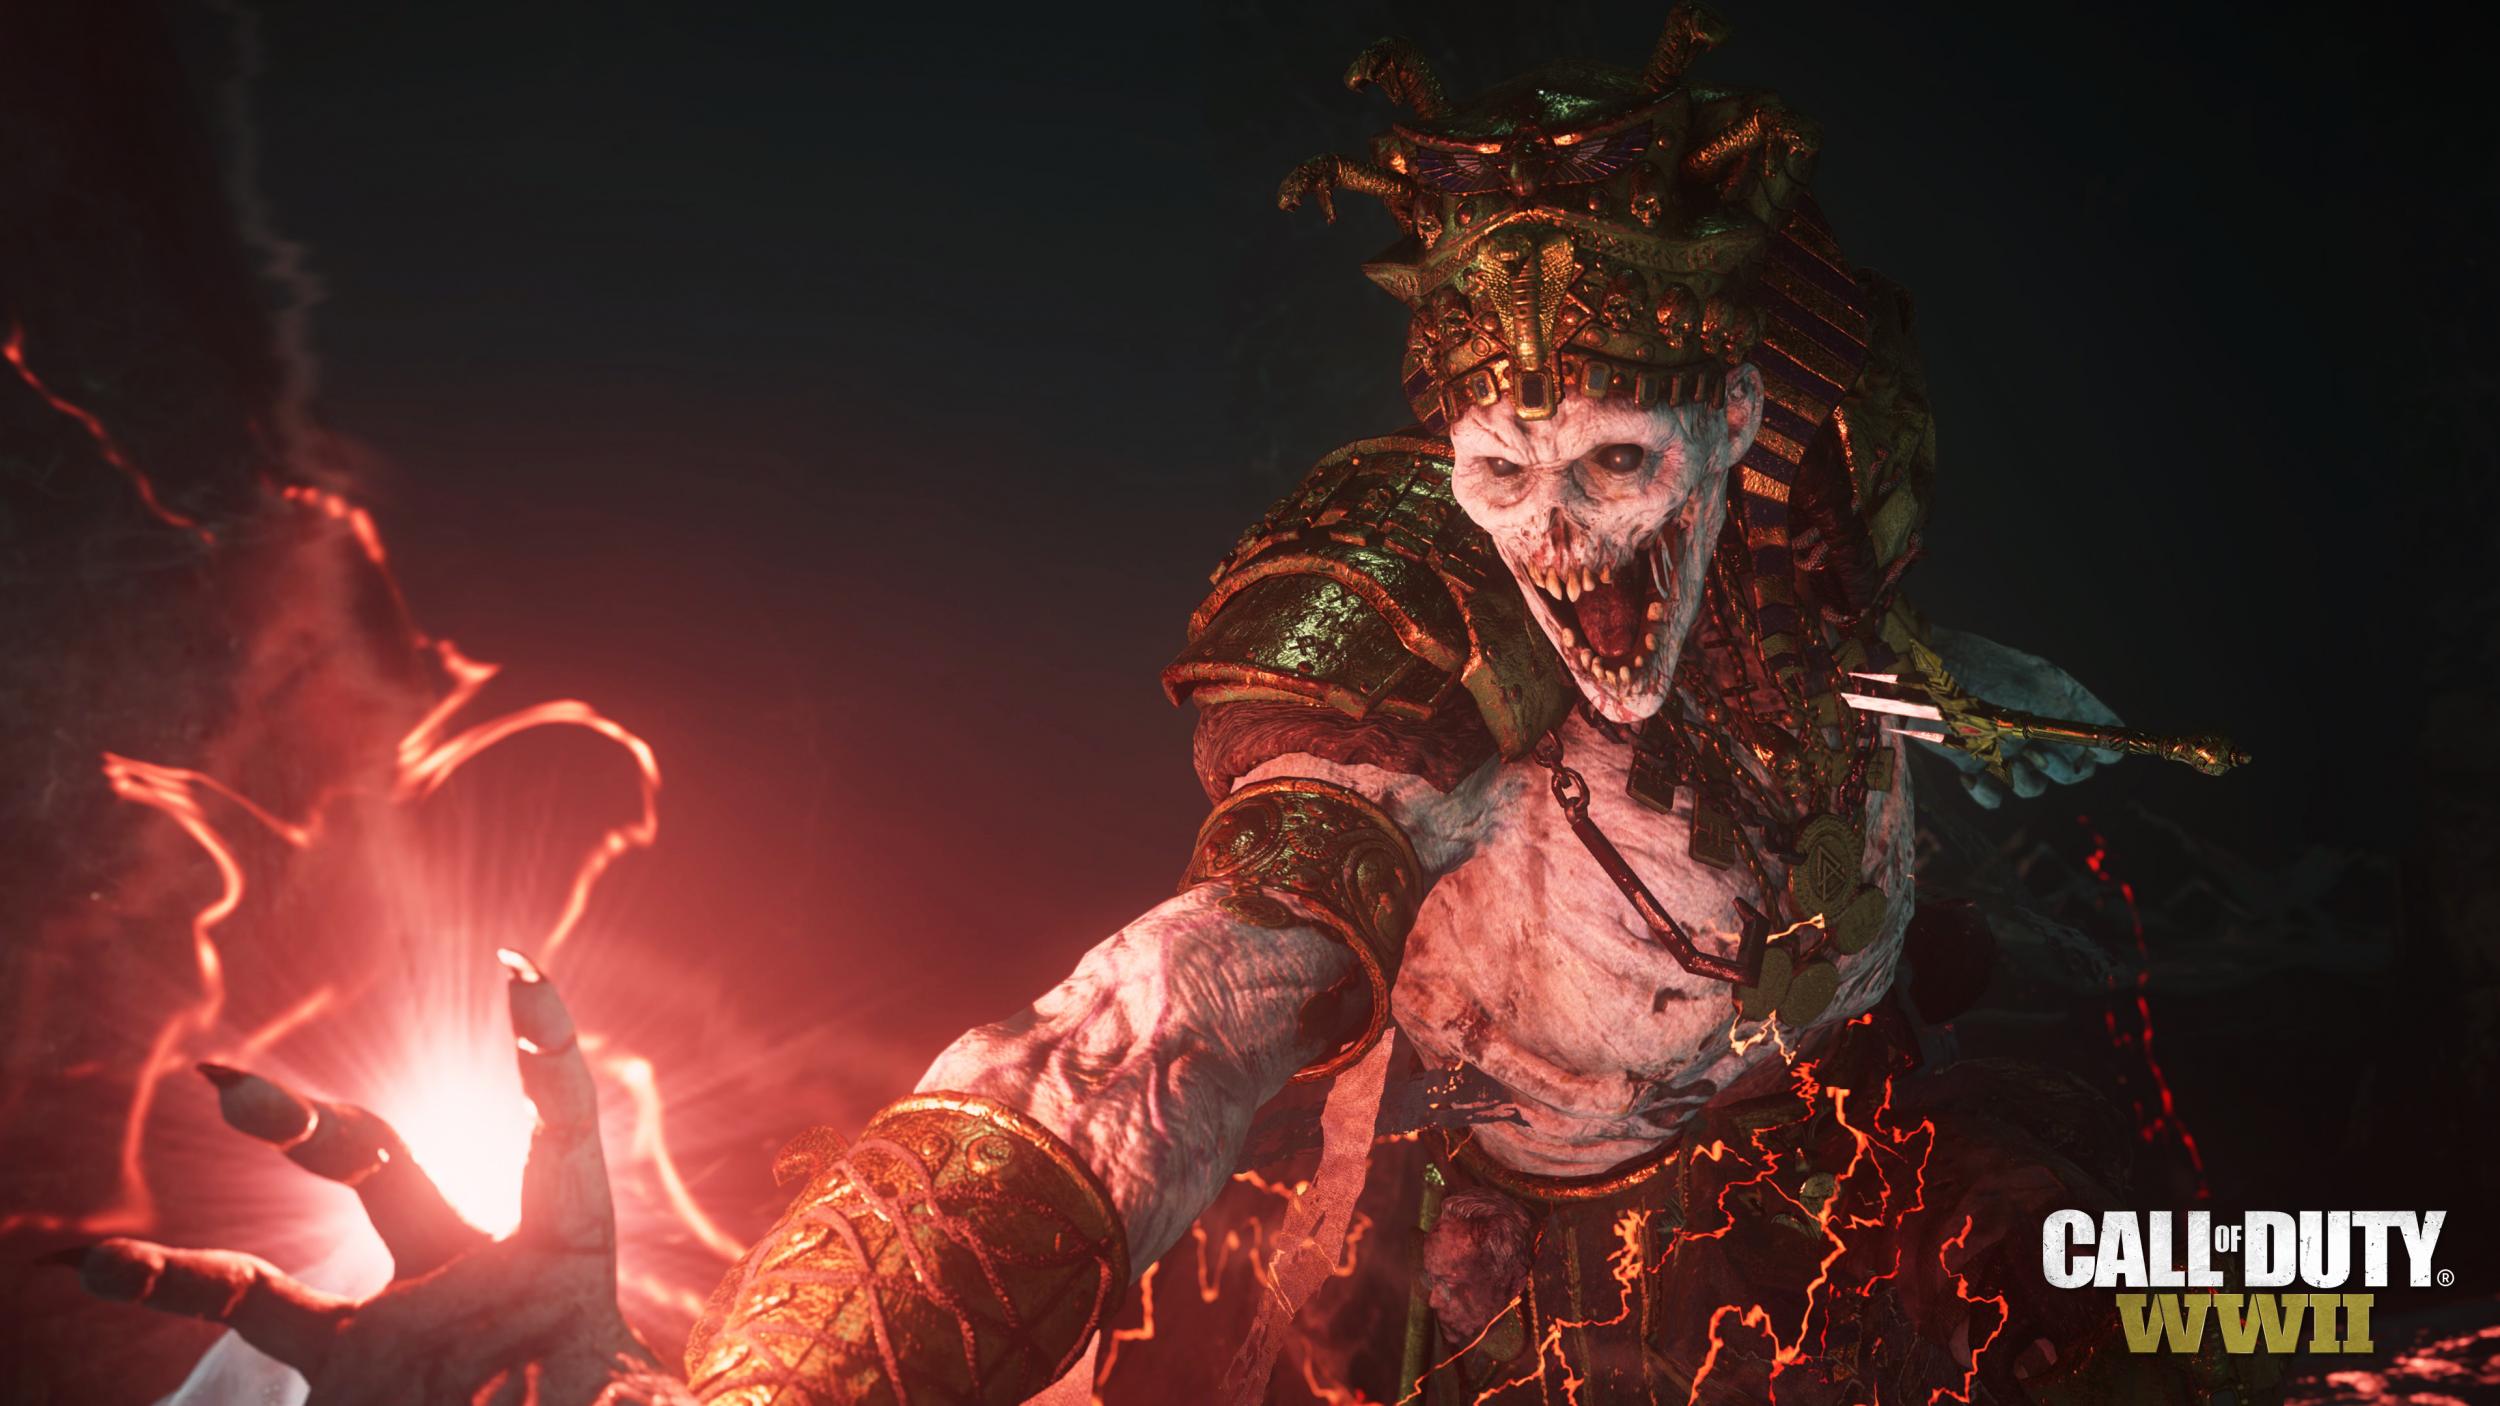 Call of Duty WW2 DLC3 Zombie 122 update